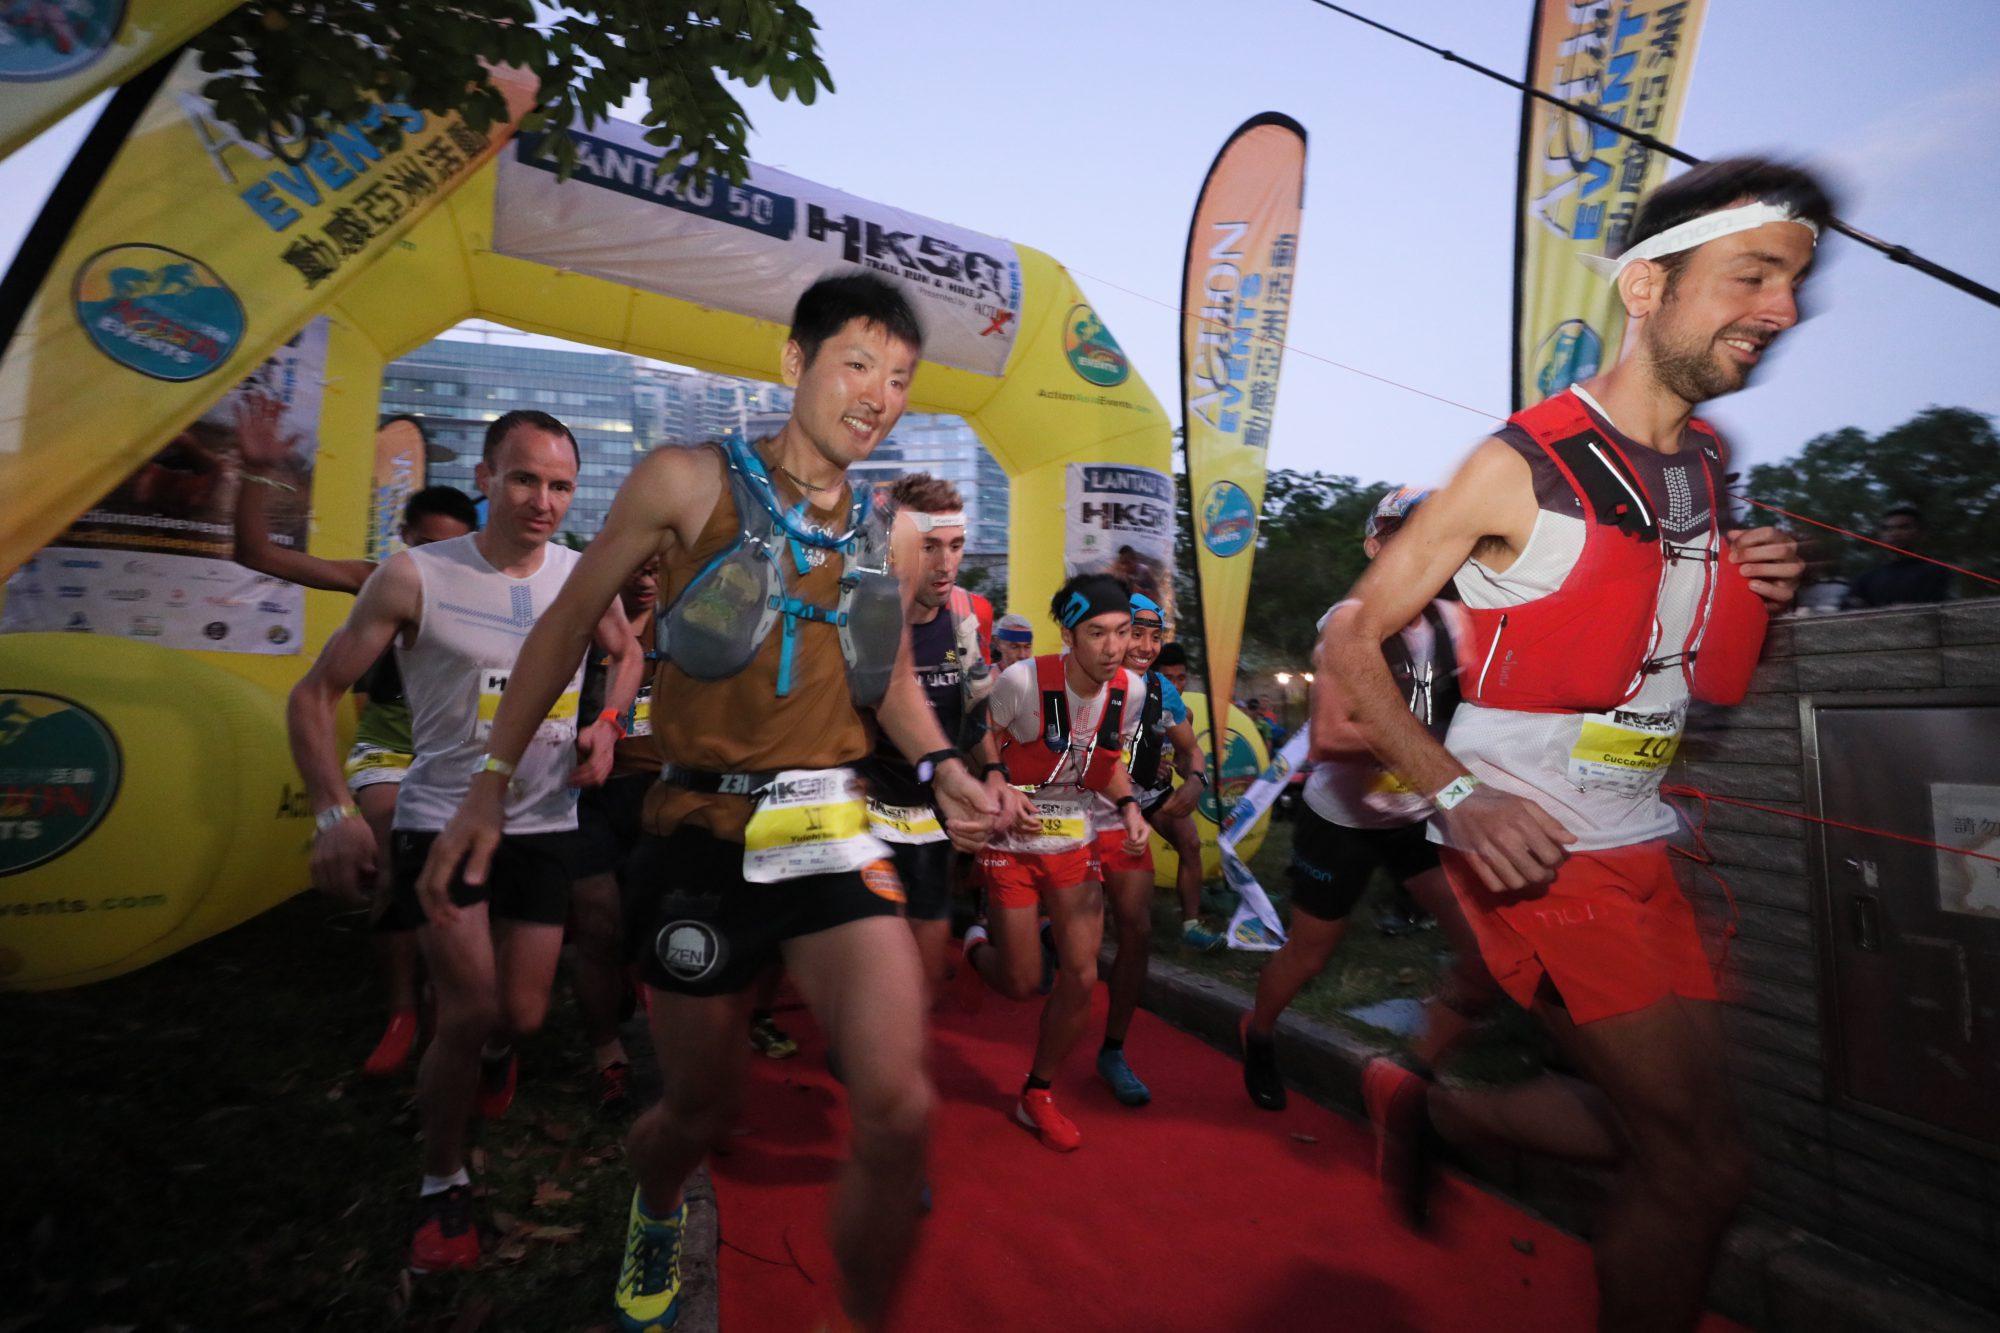 国際都市香港で開催されるため、選手の国籍も国際色豊かである ©Action Asia Events